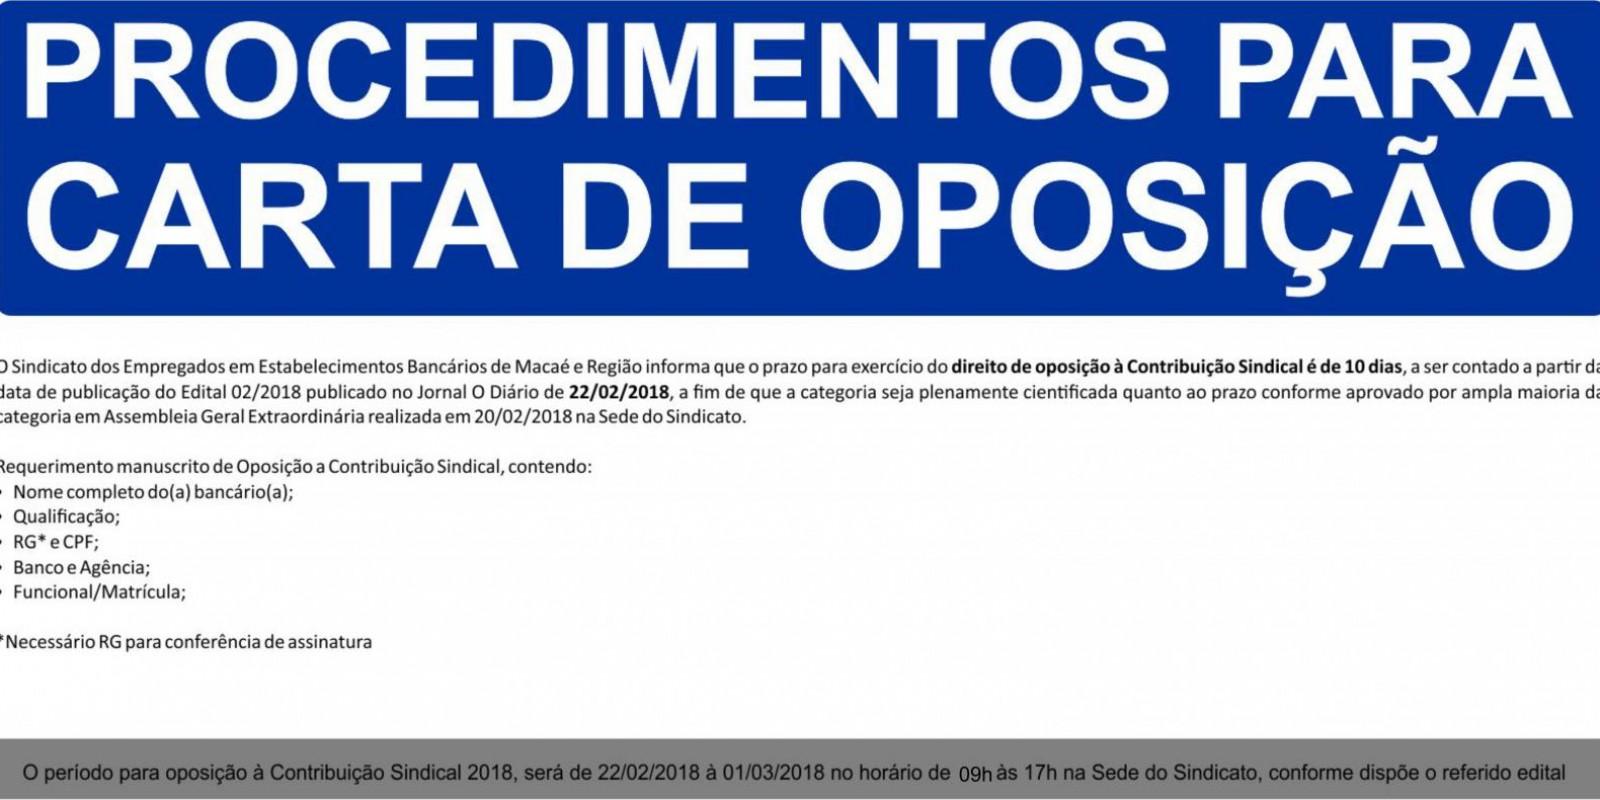 Bancários tem até março para manifestarem oposição à Contribuição Sindical 2018